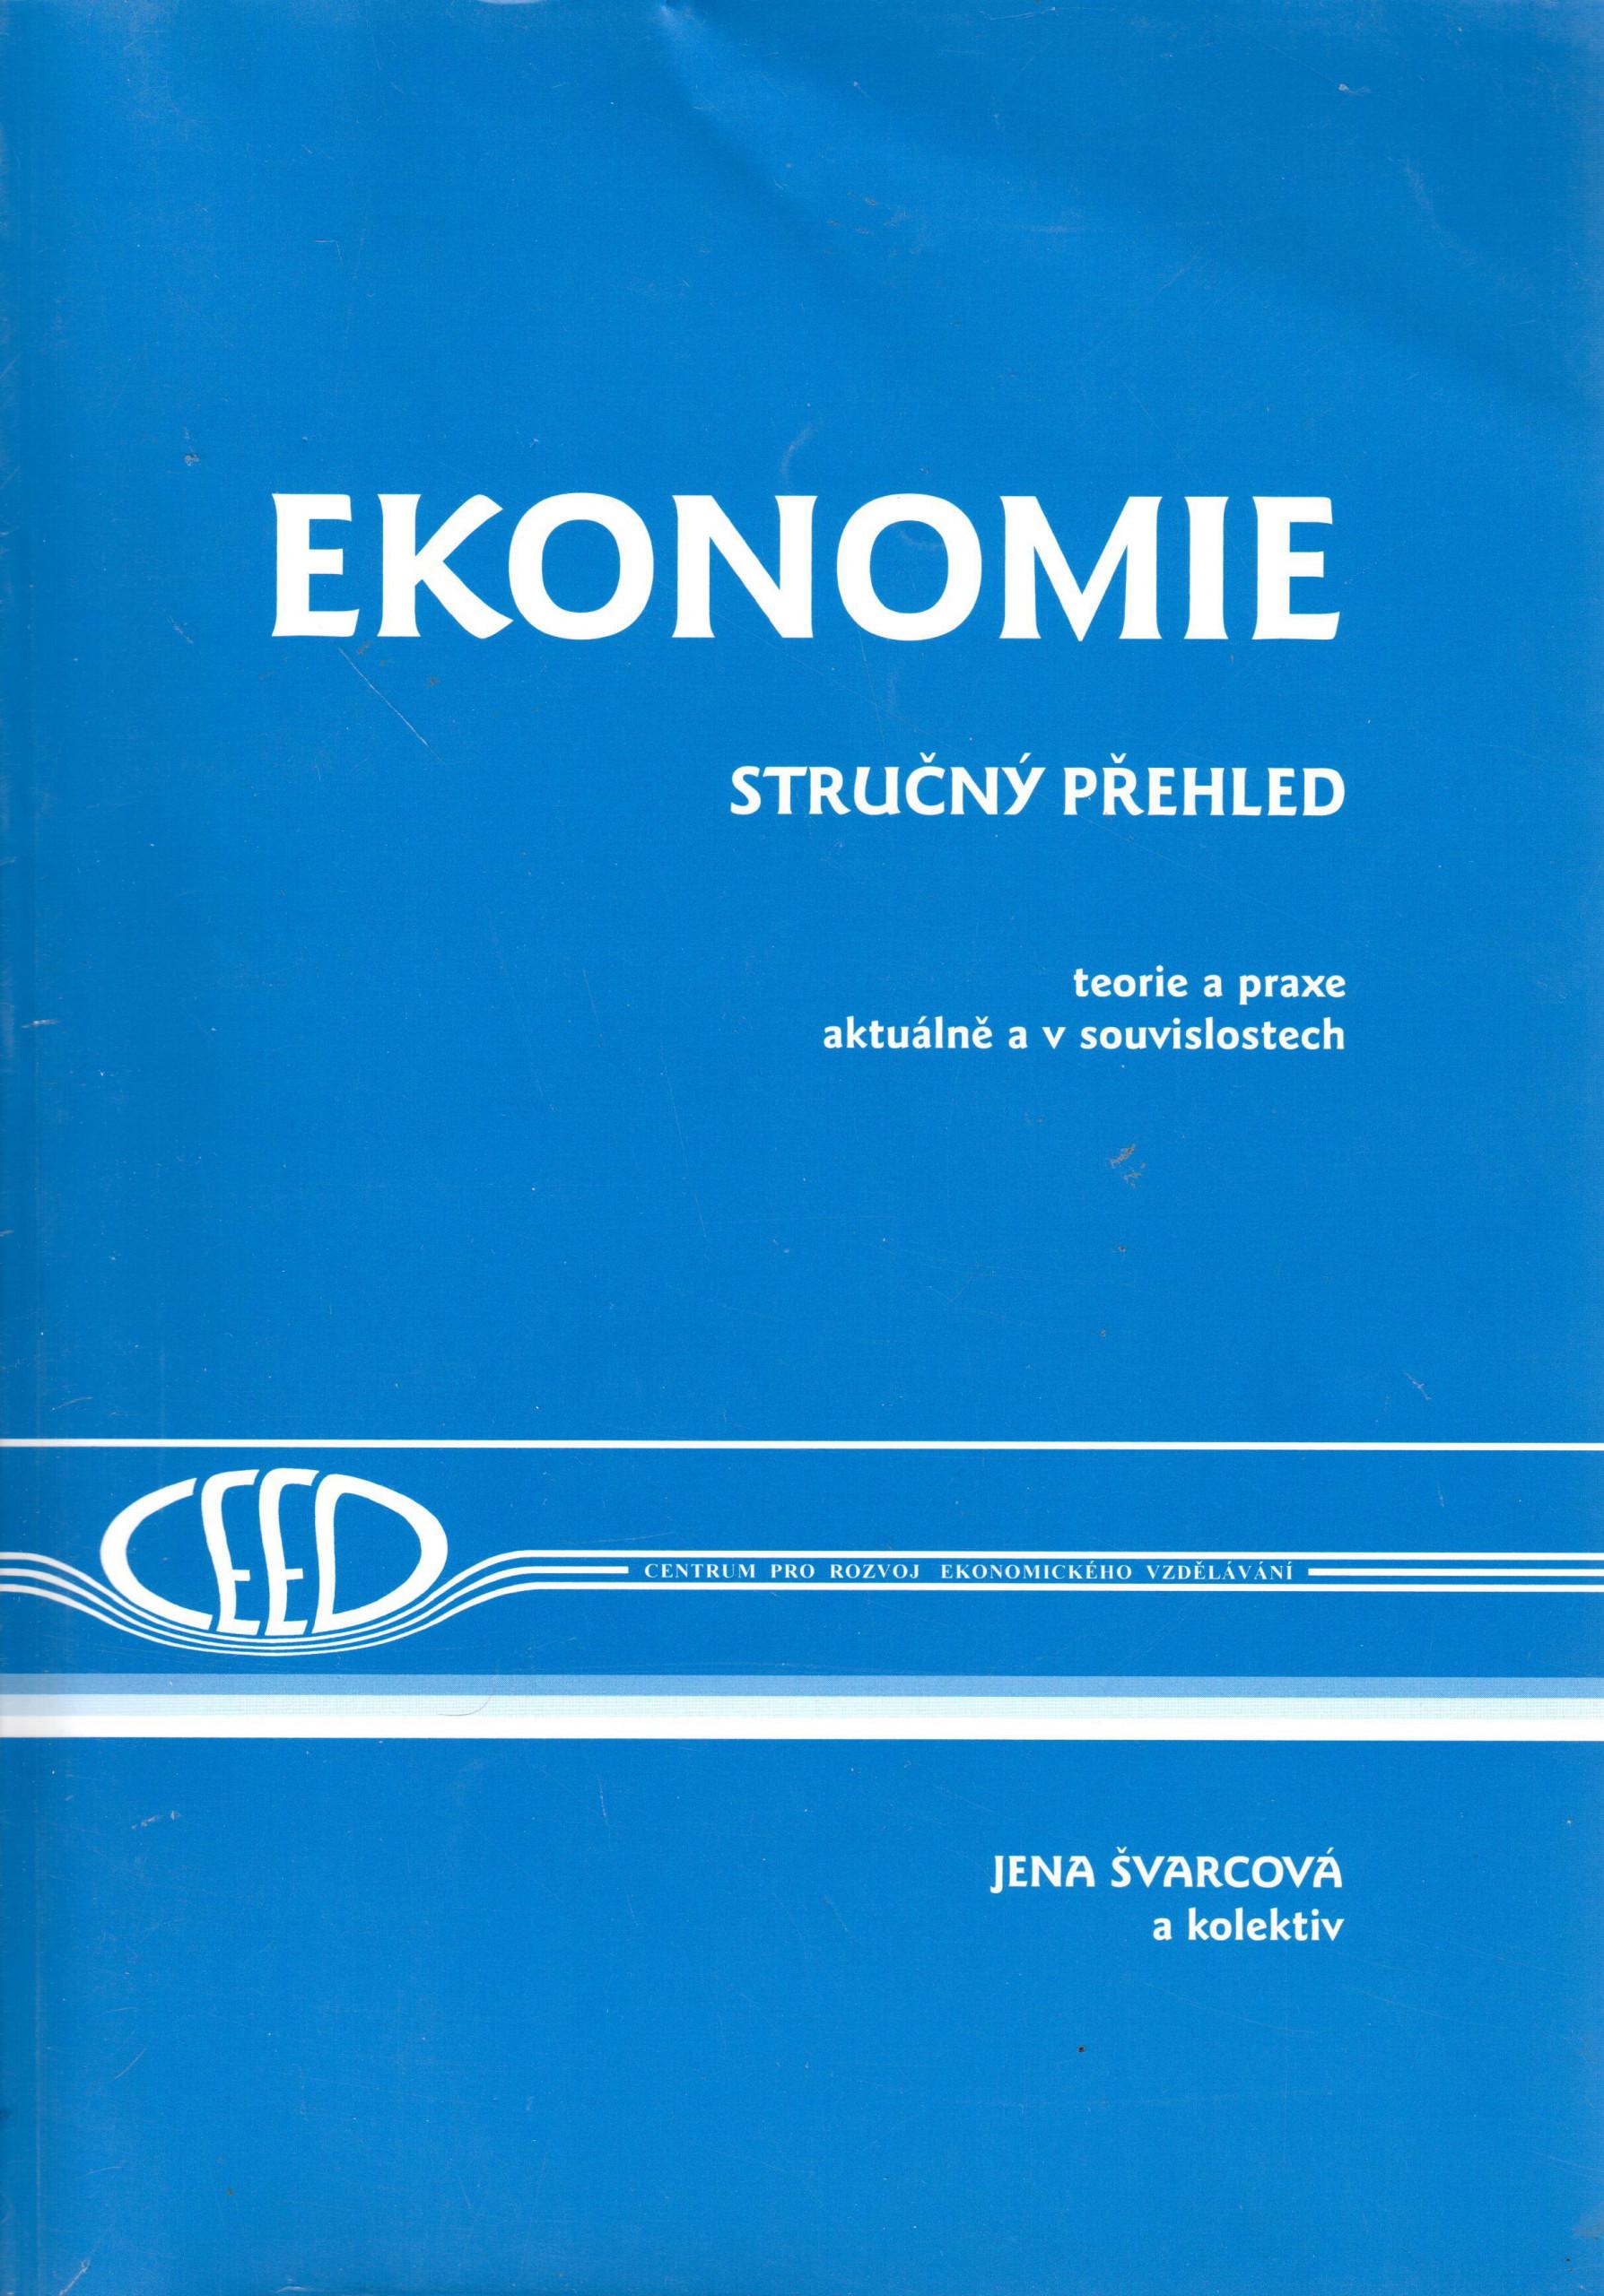 Ekonomie, stručný přehled : teorie a praxe aktuálně a v souvislostech - Náhled učebnice